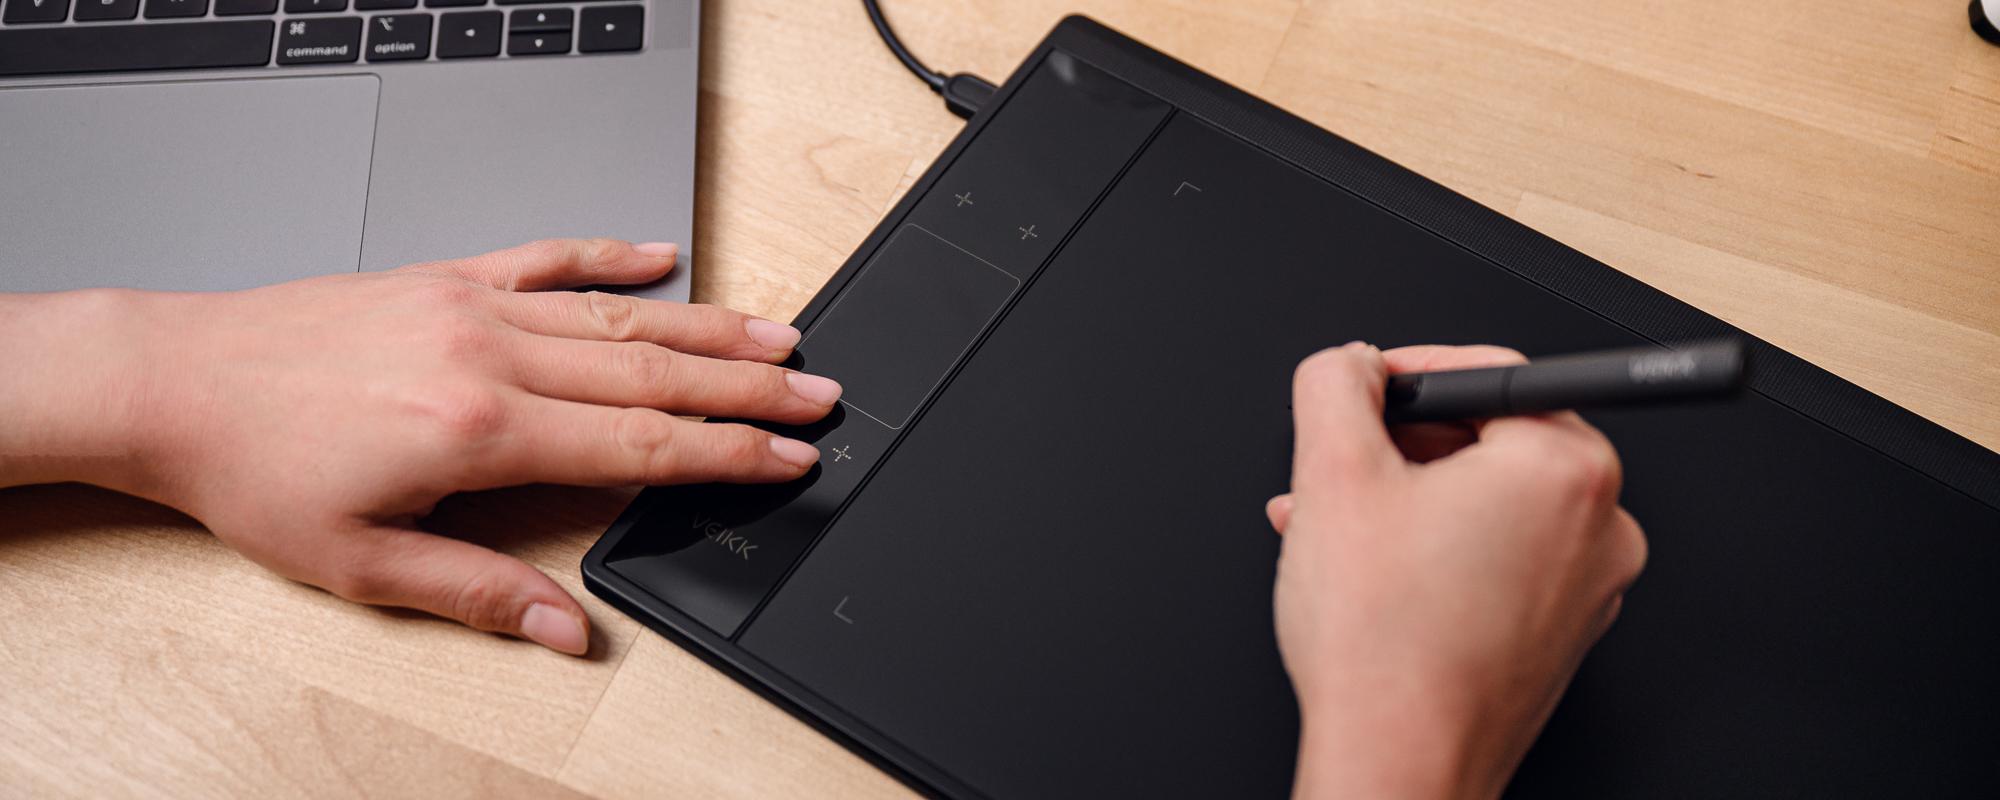 Zdjęcie - tablet graficzny Veikk 30 na jasnobrązowym biurku, lewa dłoń kobiety naciska klawisz funkcyjny, prawa obsługuje piórko pasywne Veikk